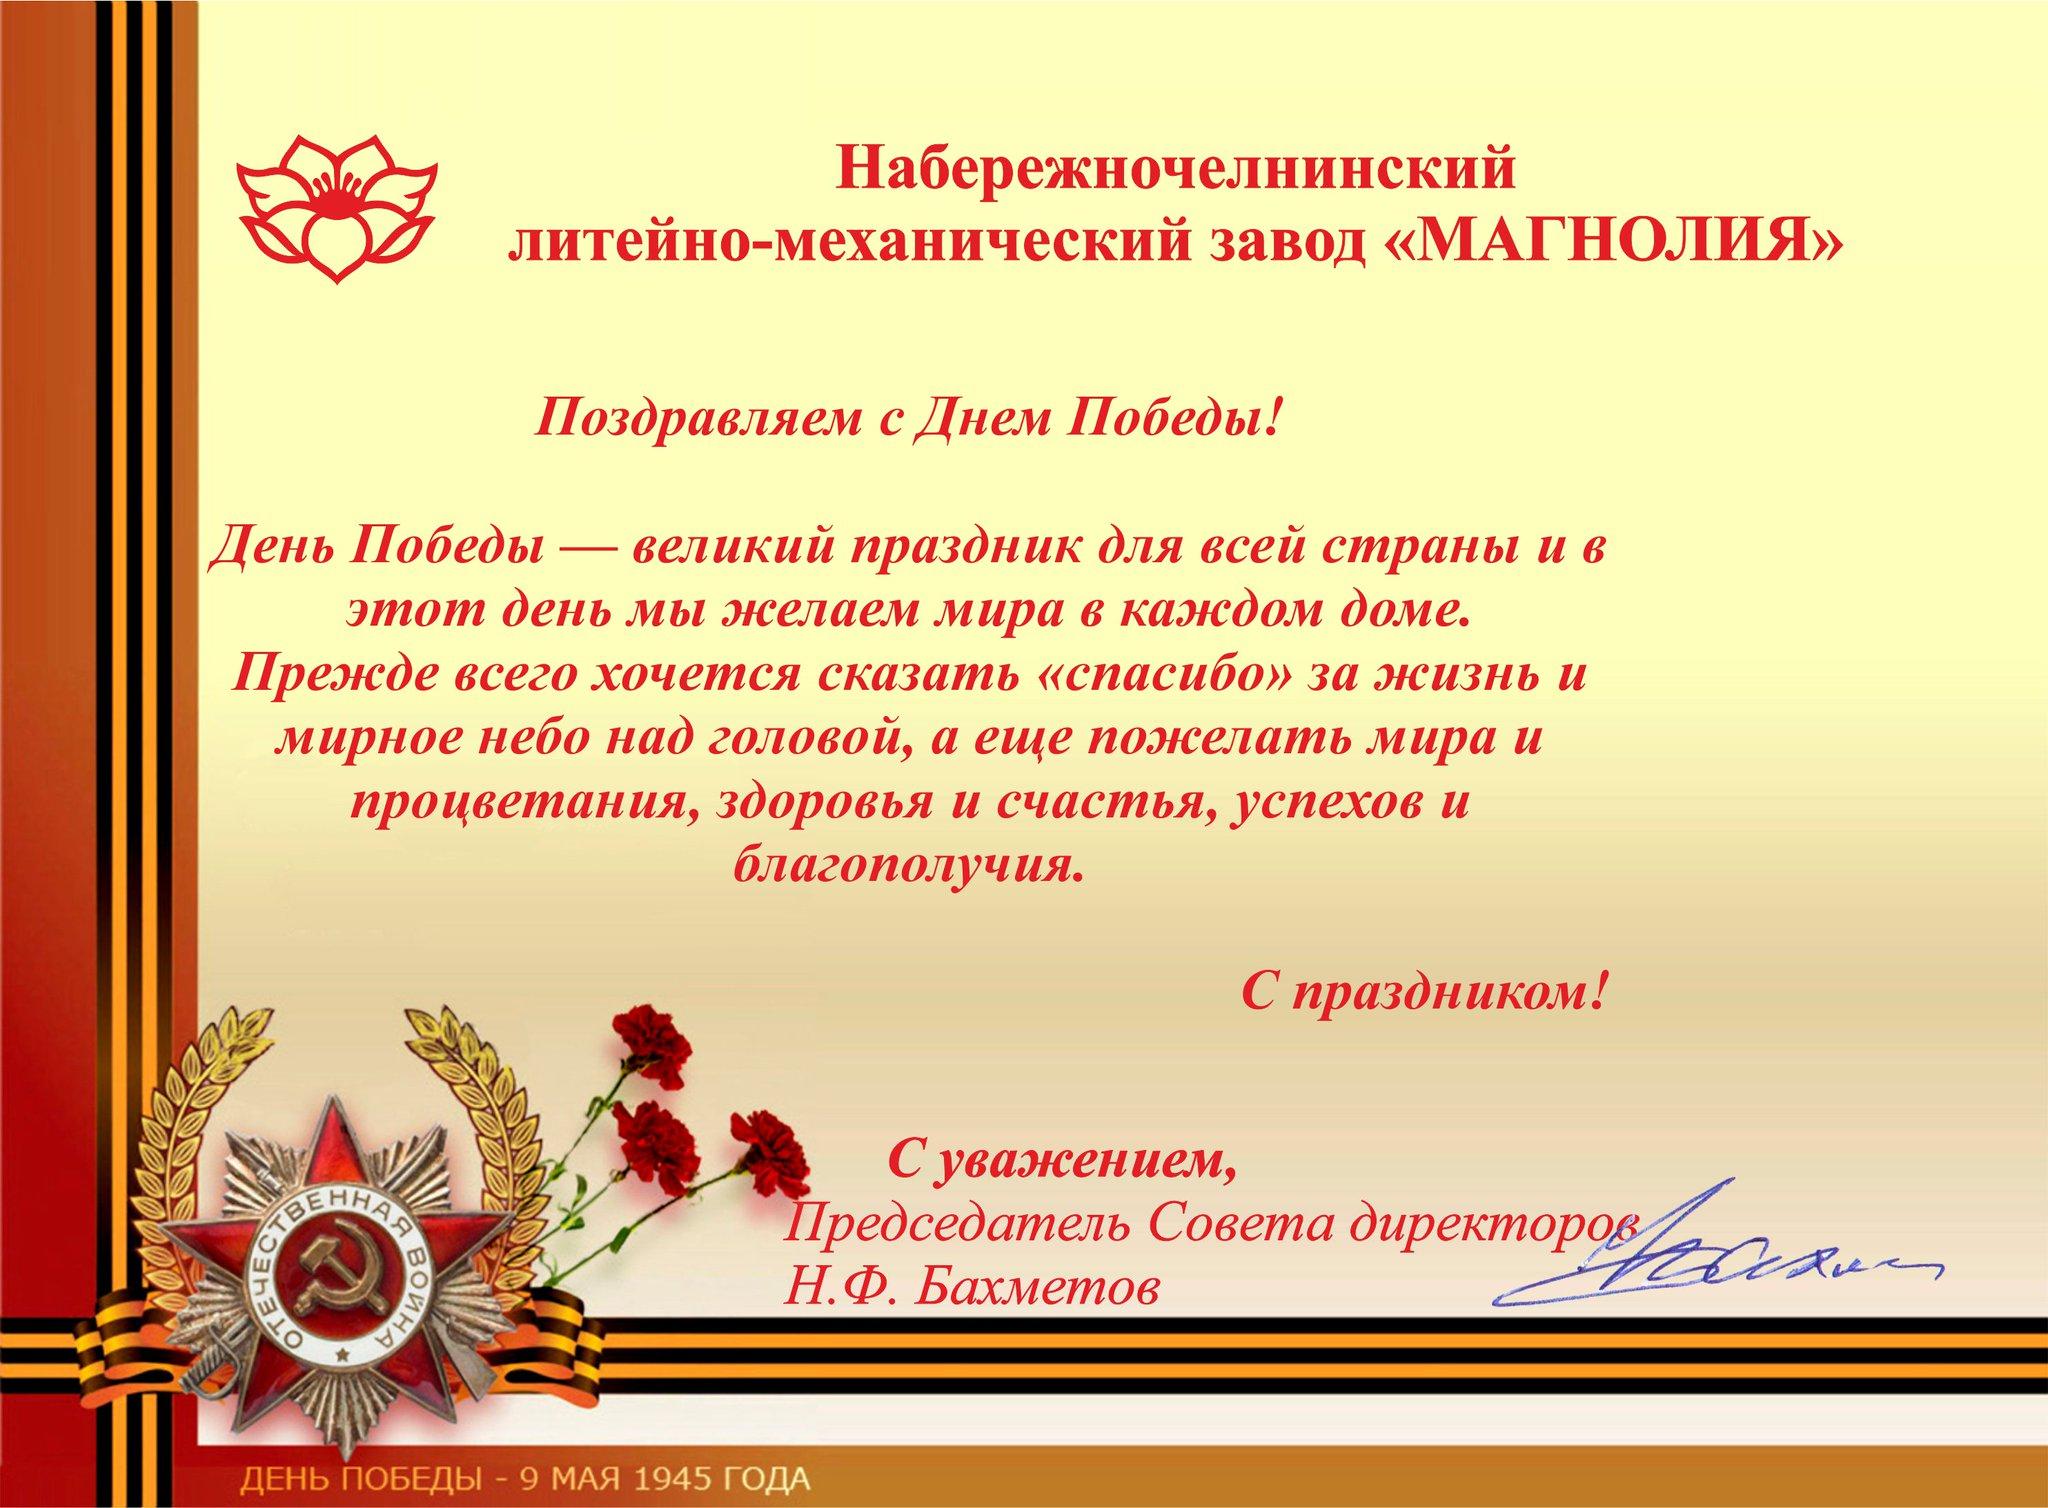 Открытка с днем победы для фотошопа, роз фото надписью